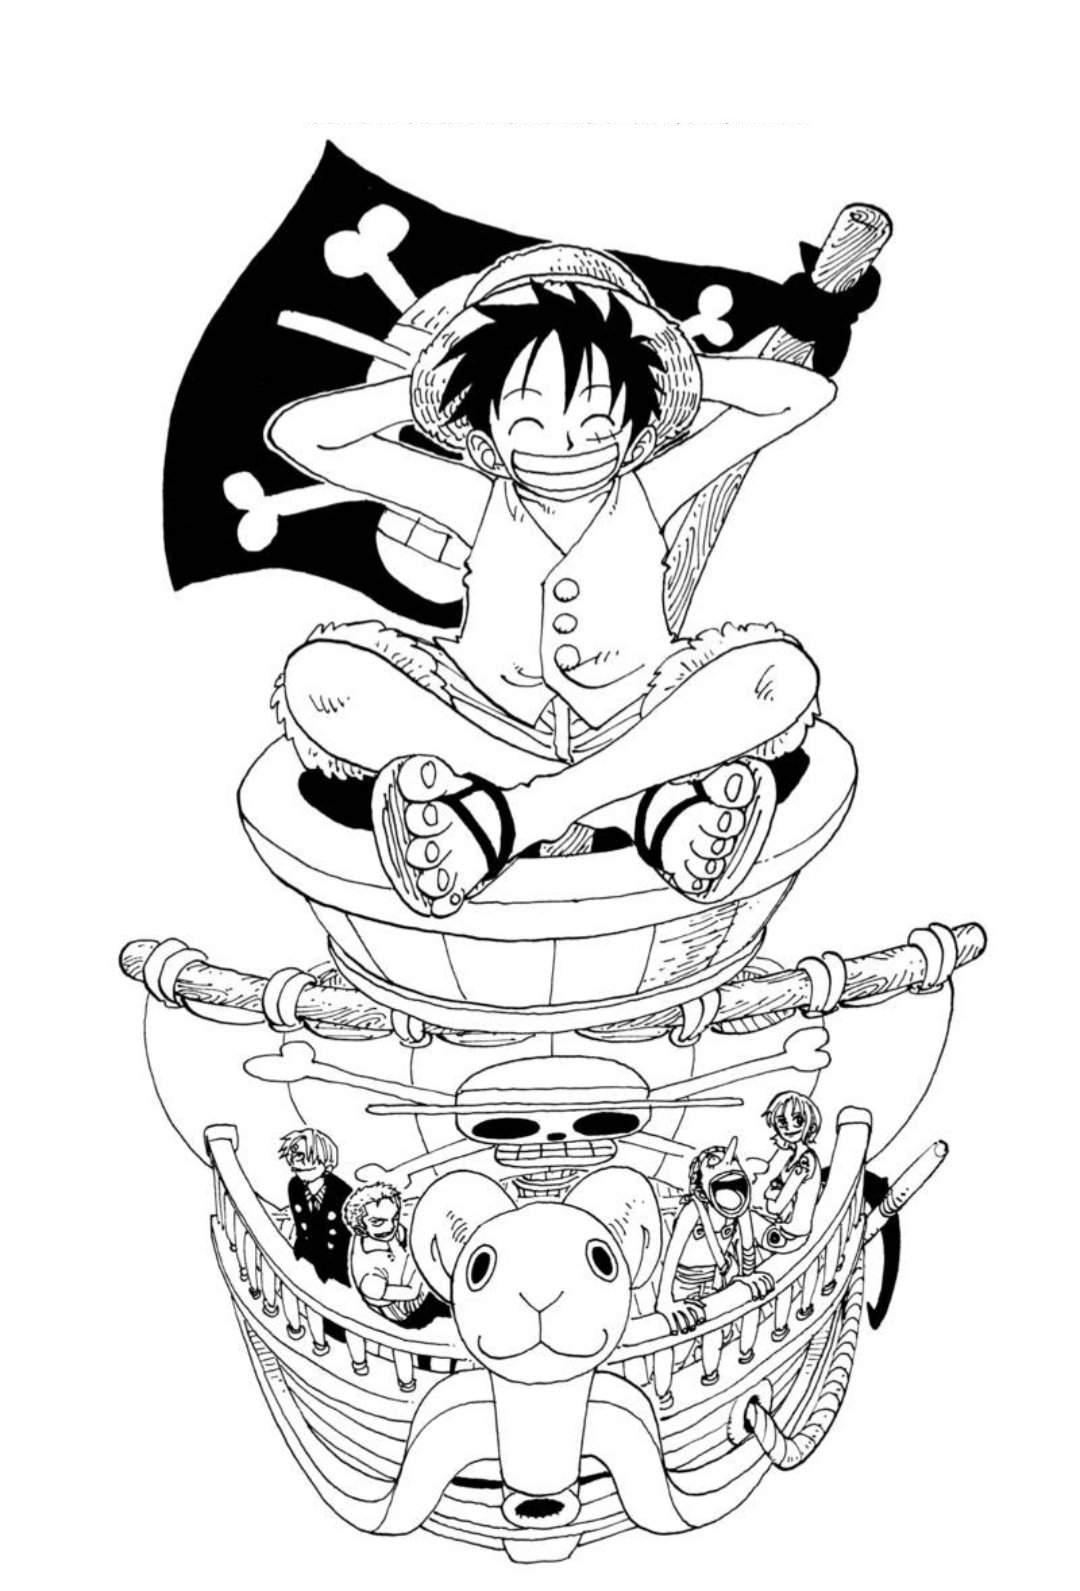 Tổng hợp các bức tranh tô màu One Piece cho bé